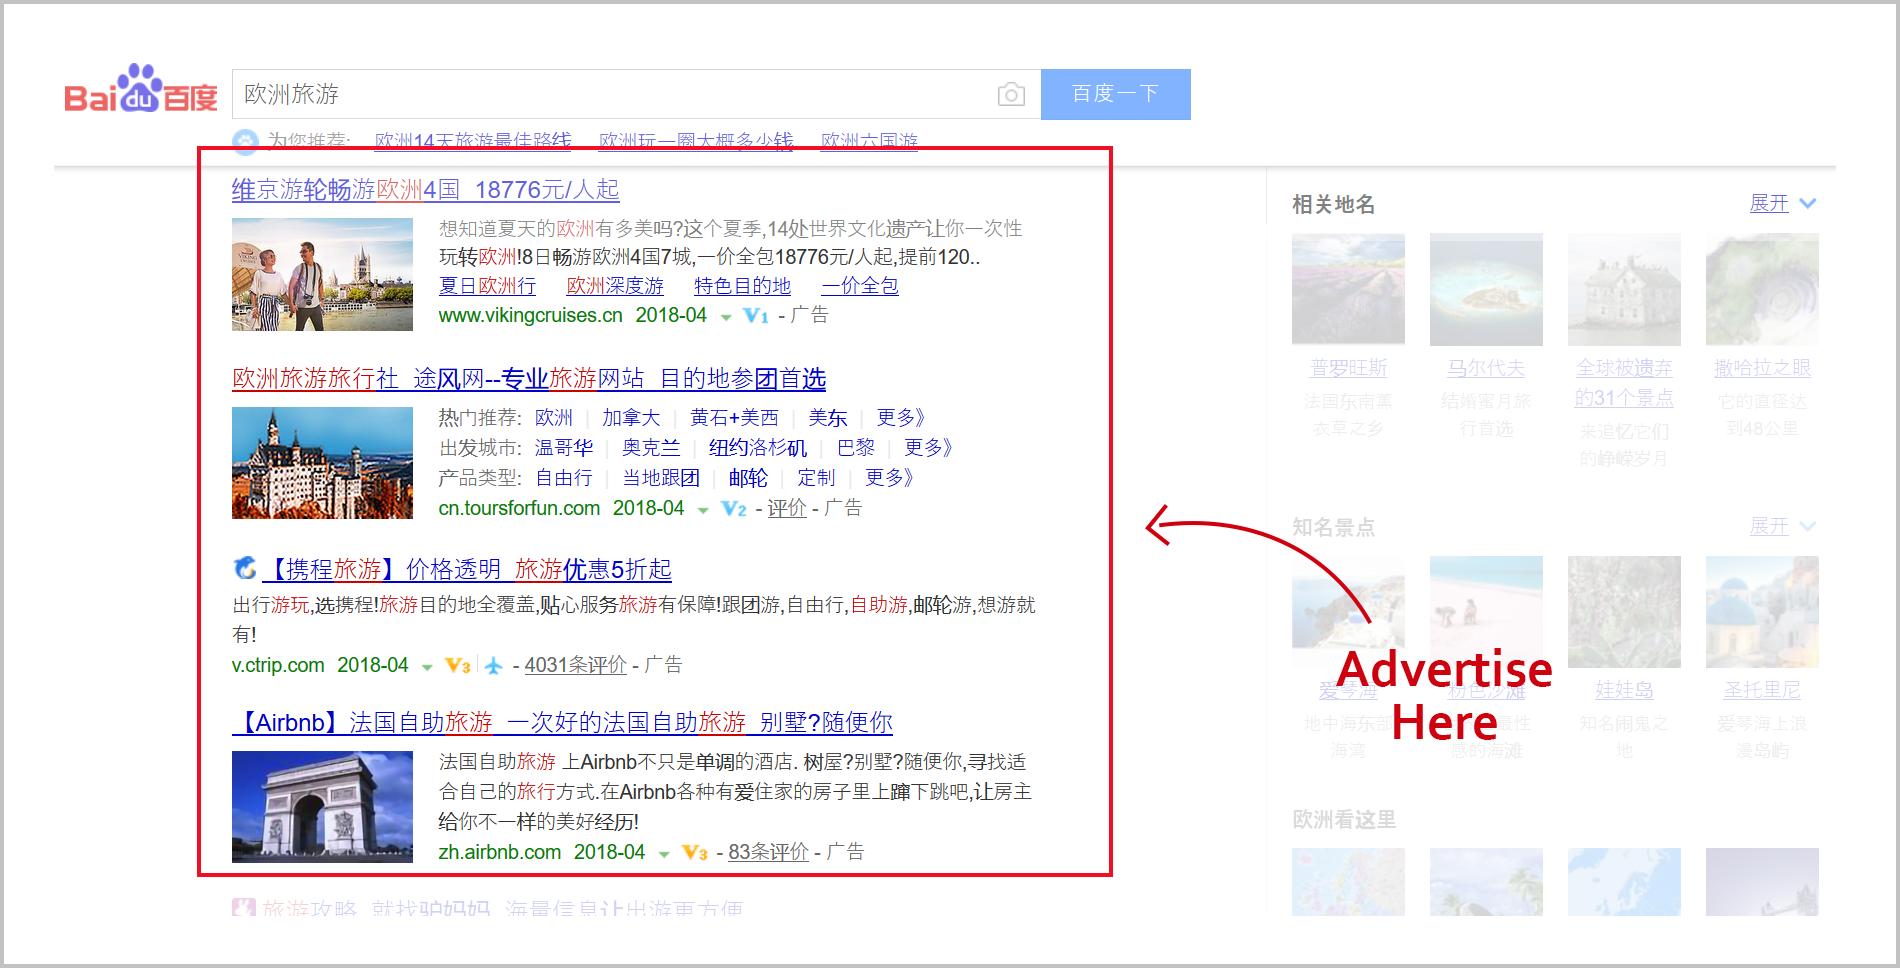 Baidu Advertising.